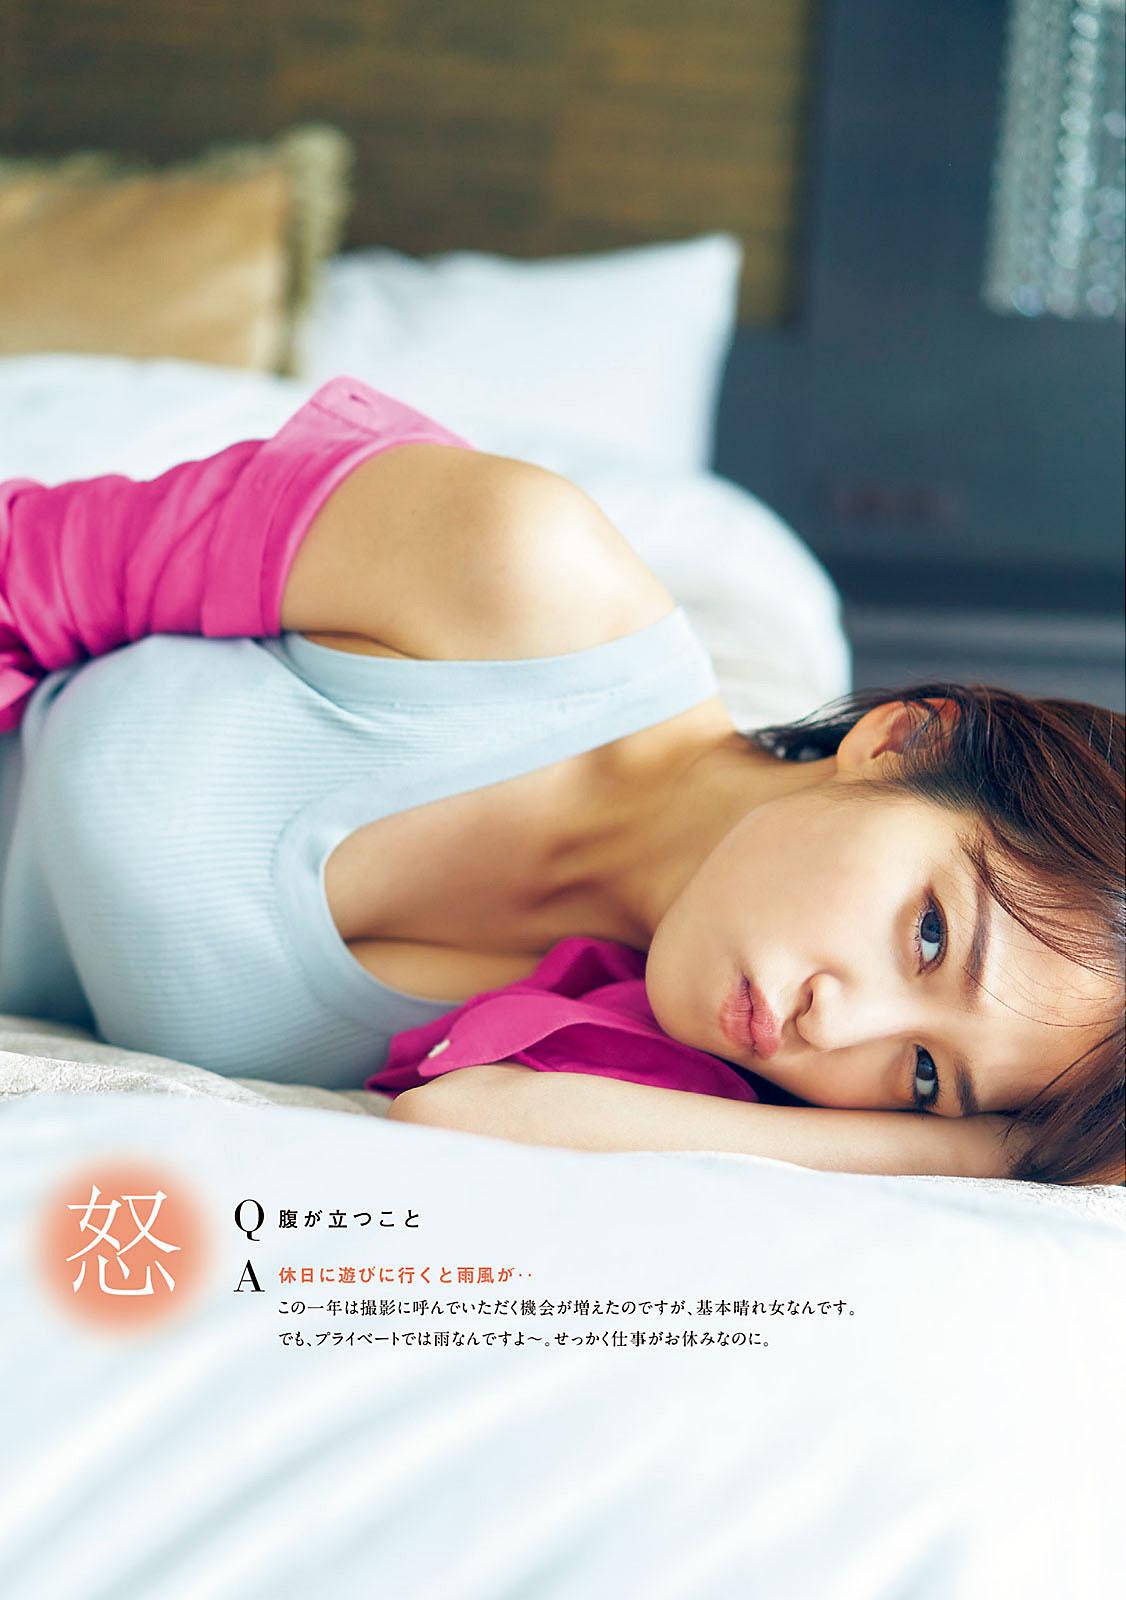 Reina Sumi Young Magazine 210705 06.jpg